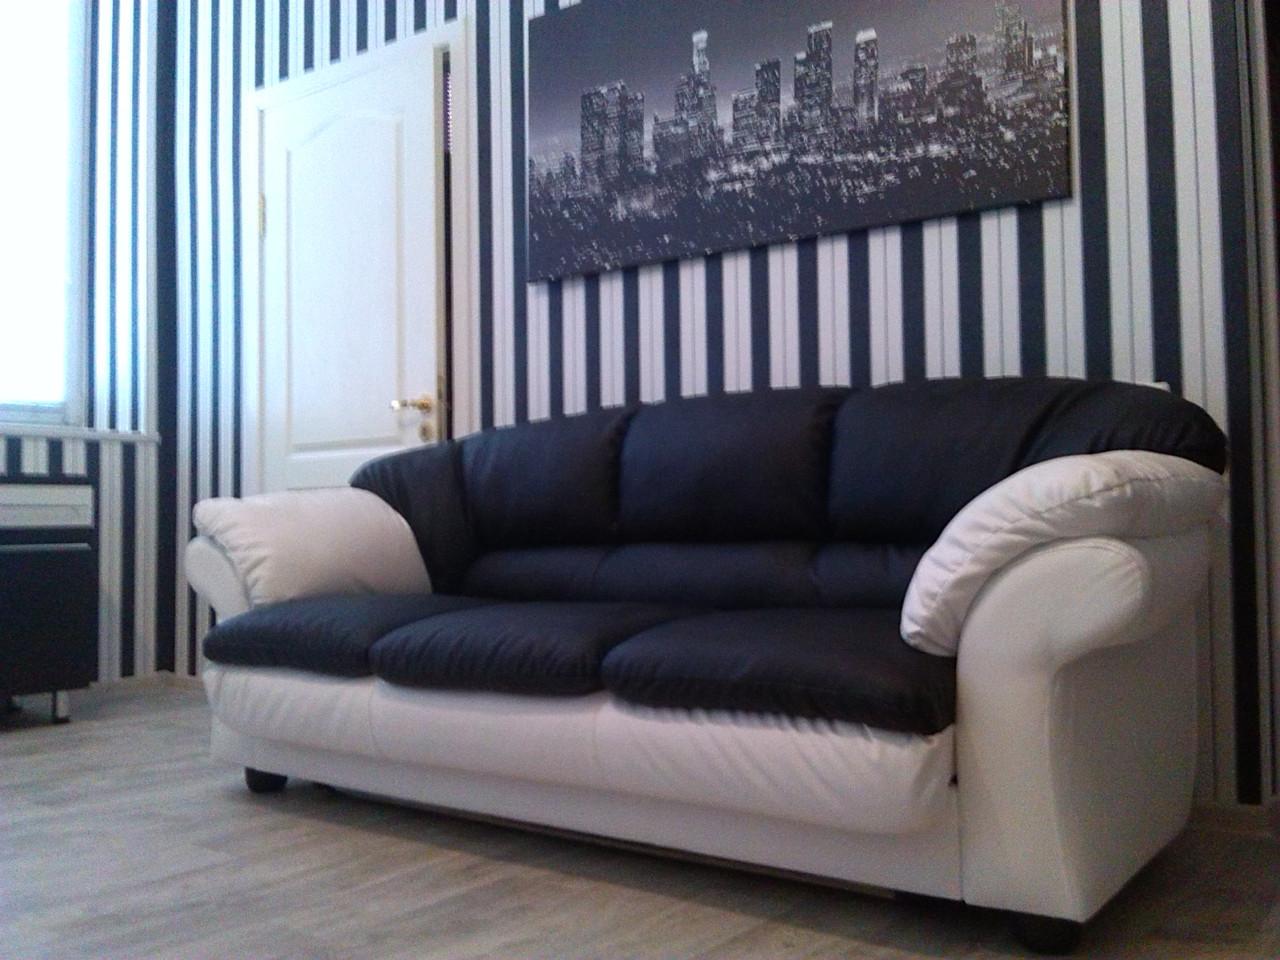 Перетяжка диванчика  для офиса. Перетяжка офисной мебели Днепр.